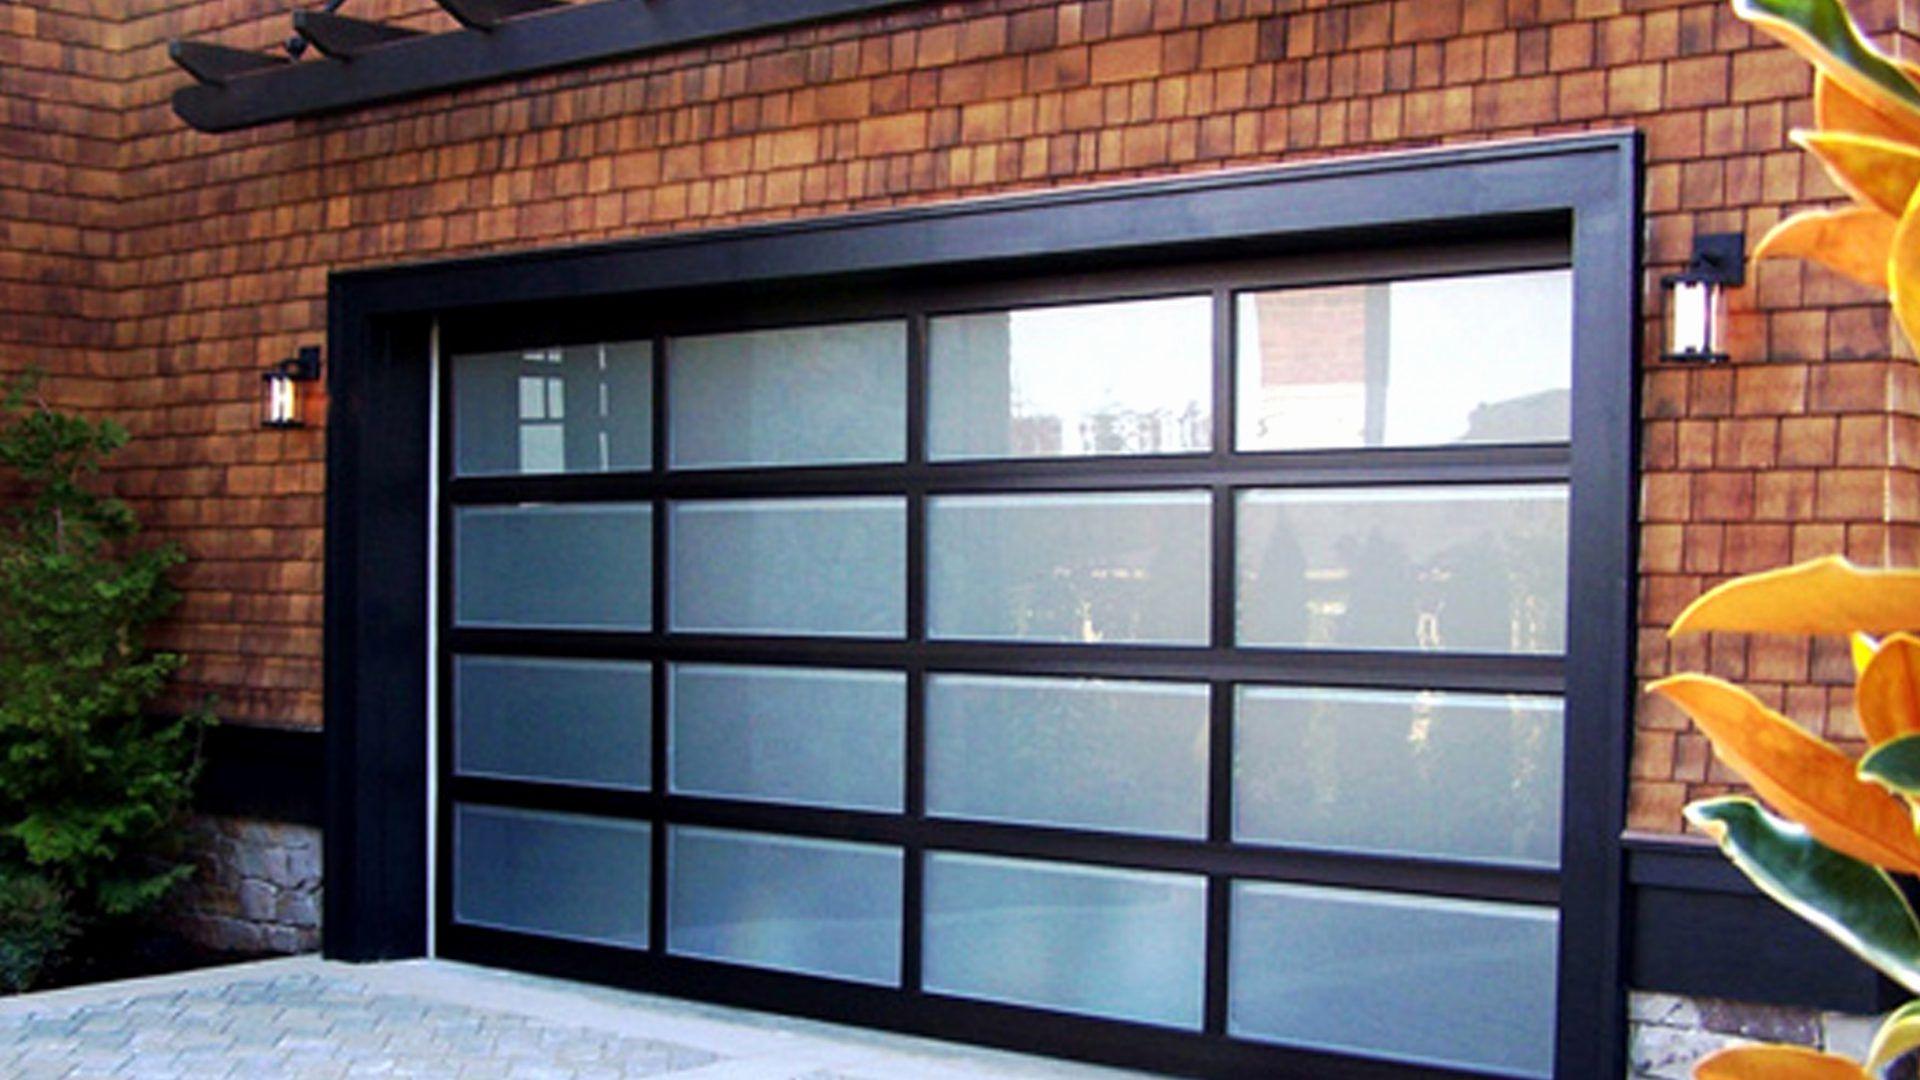 Garage Doors For Sale Ebay Roller Thailand Uk With Windows Line Garage Doors Garage Door Sizes Glass Garage Door